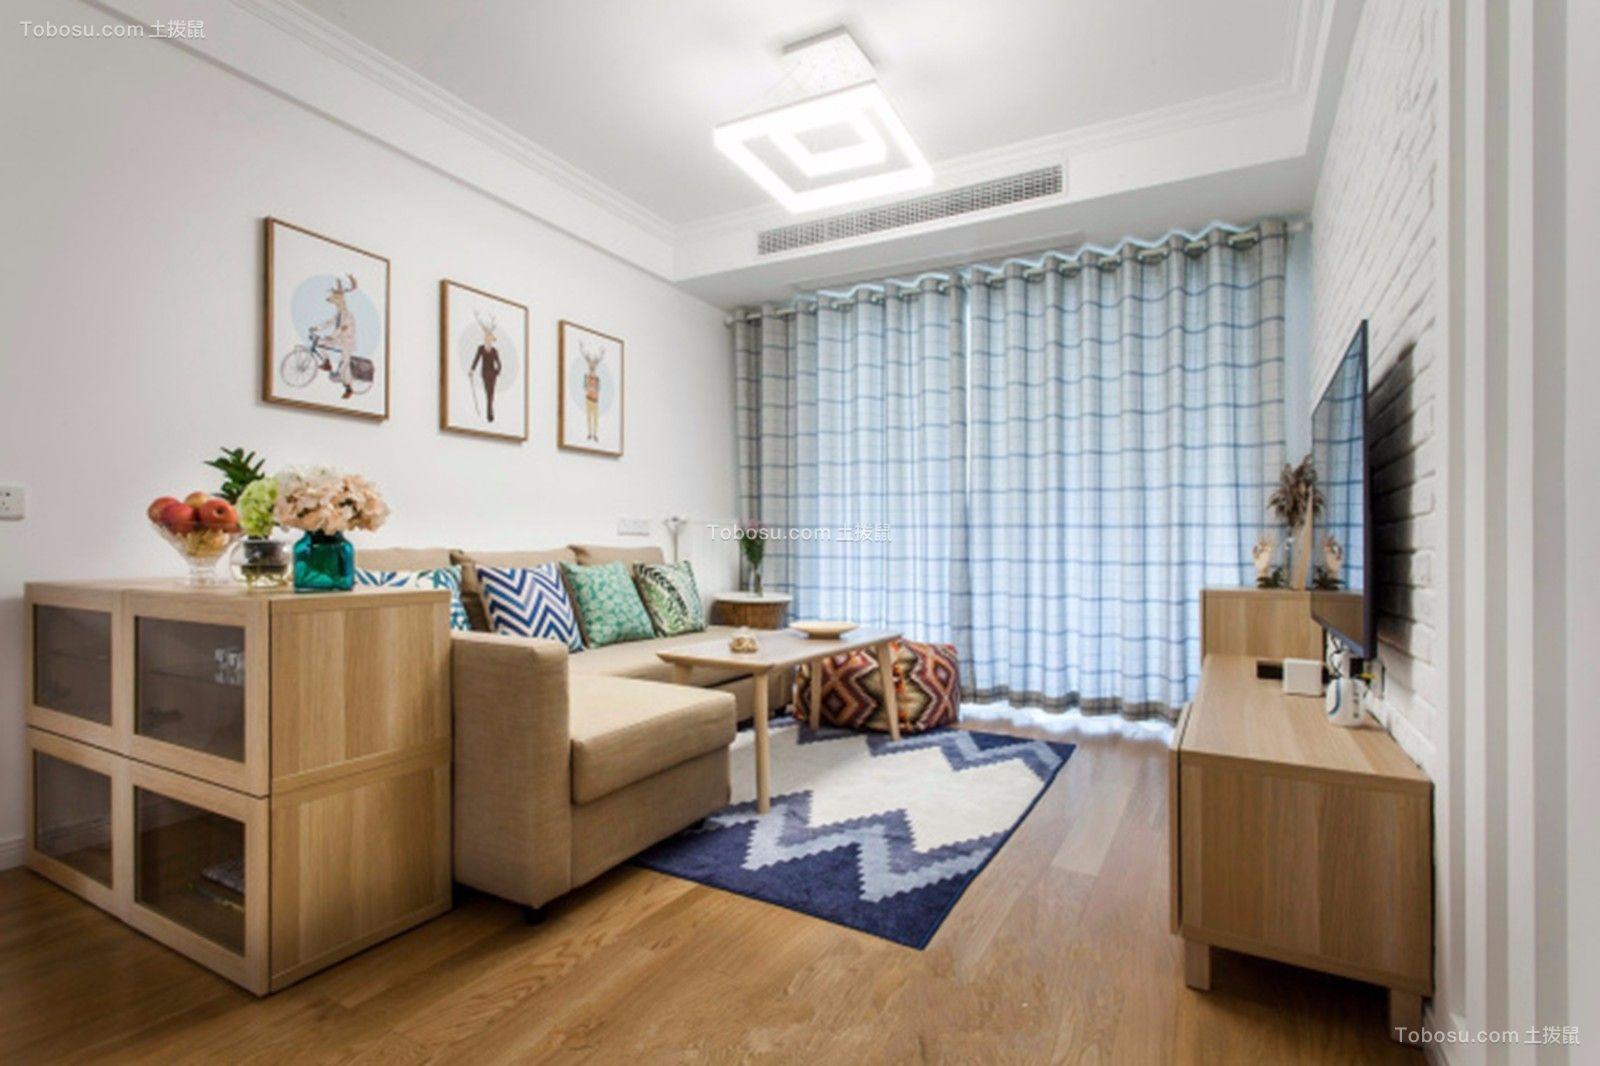 混搭风格100平米3房2厅房子装饰效果图